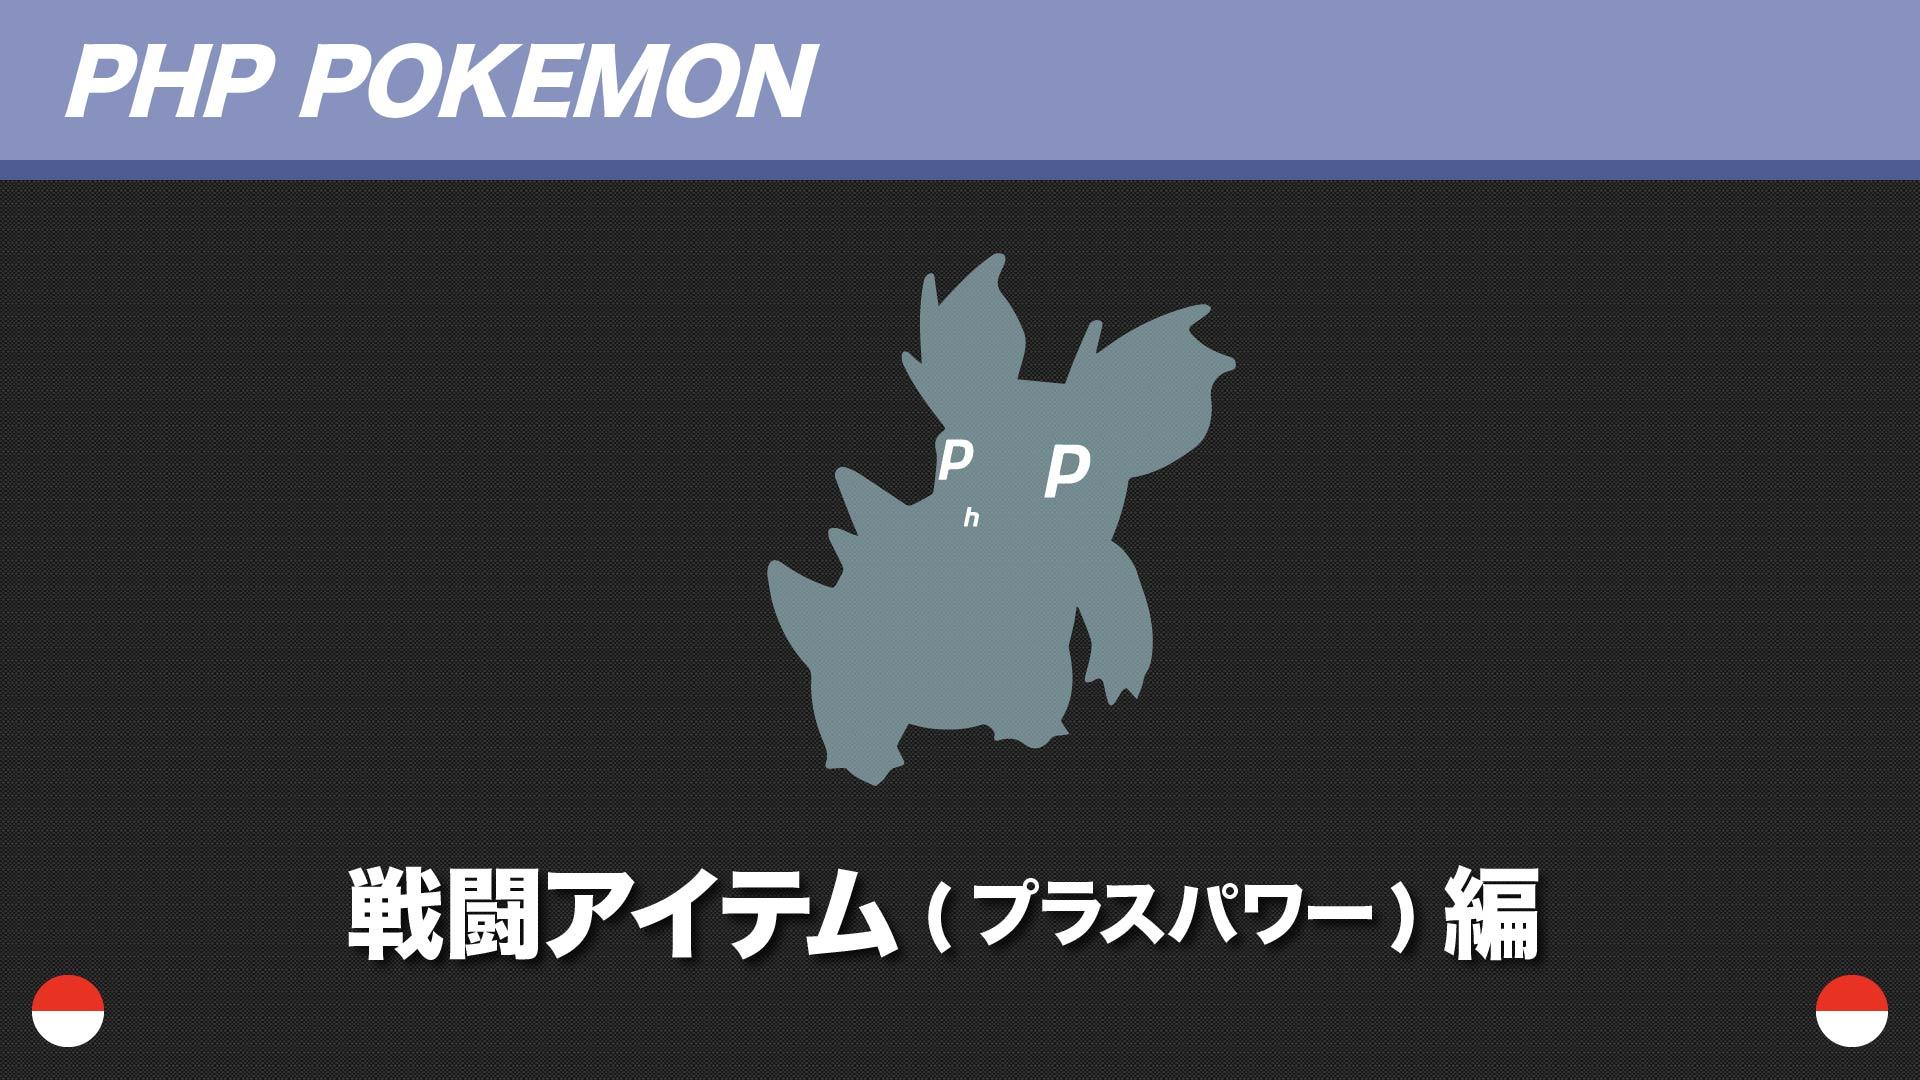 戦闘用アイテム編 プラスパワー PHPポケモン96